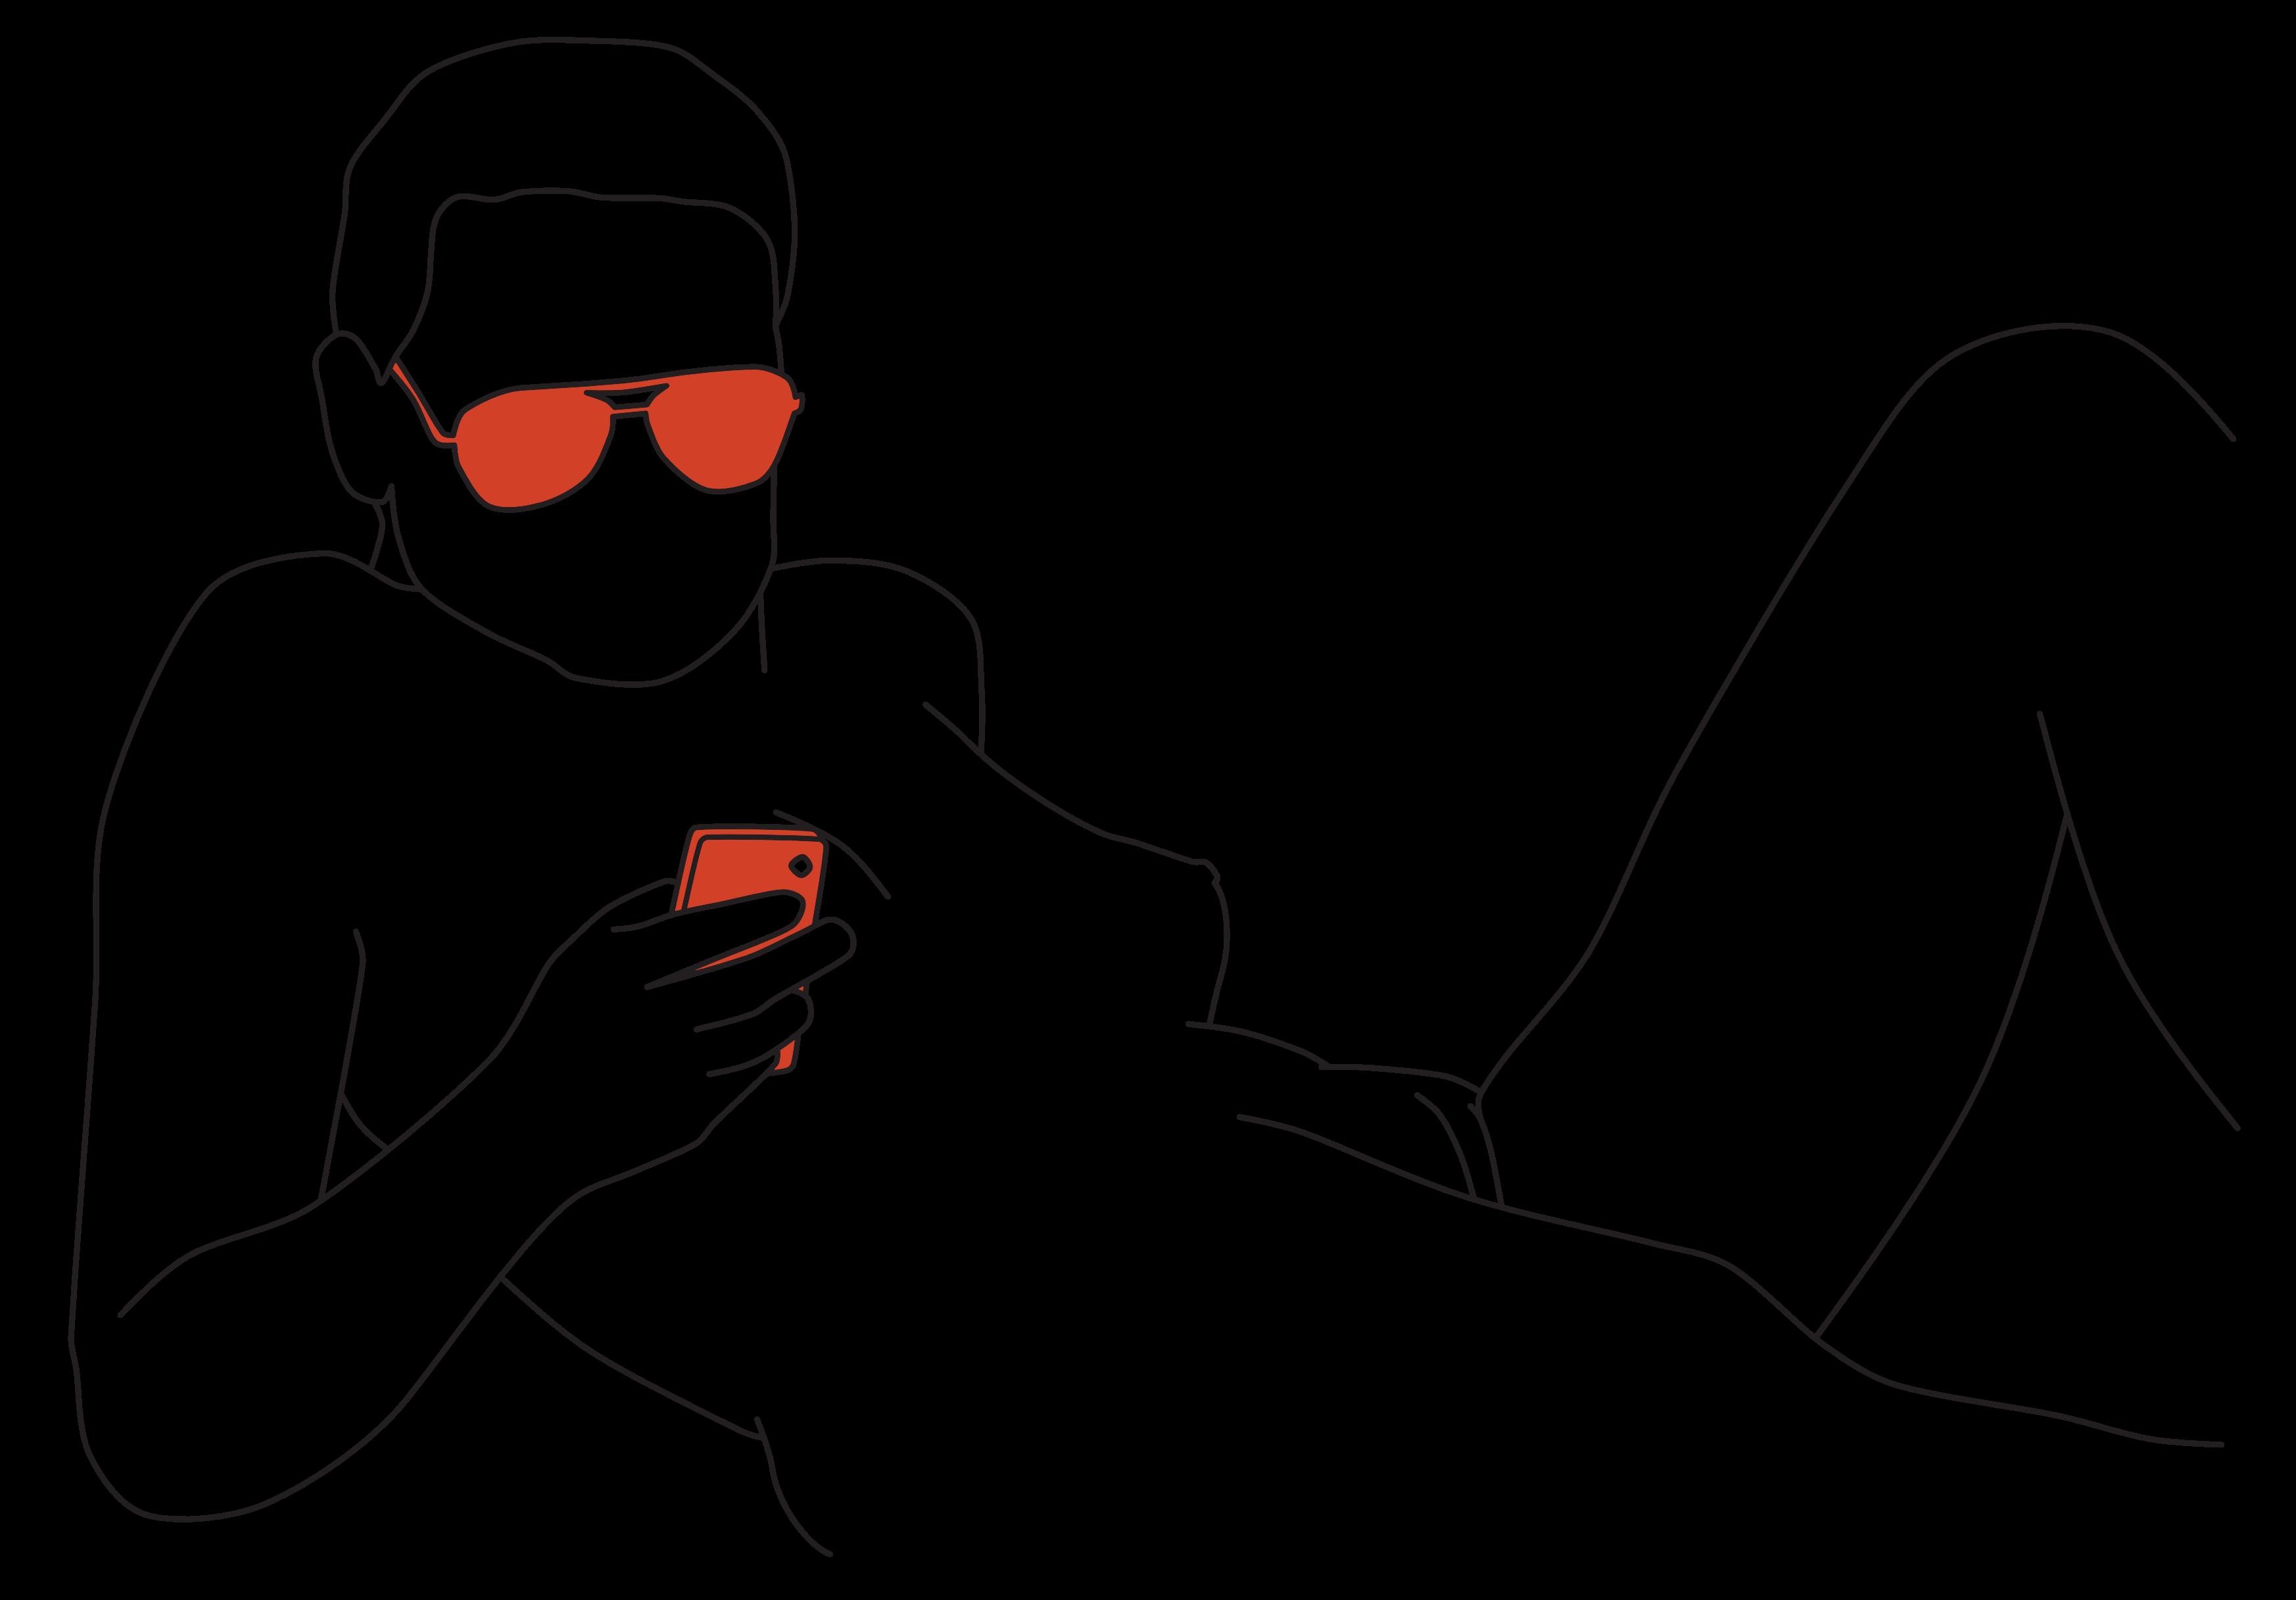 459 - die Flucht ins Handy | Adam spricht